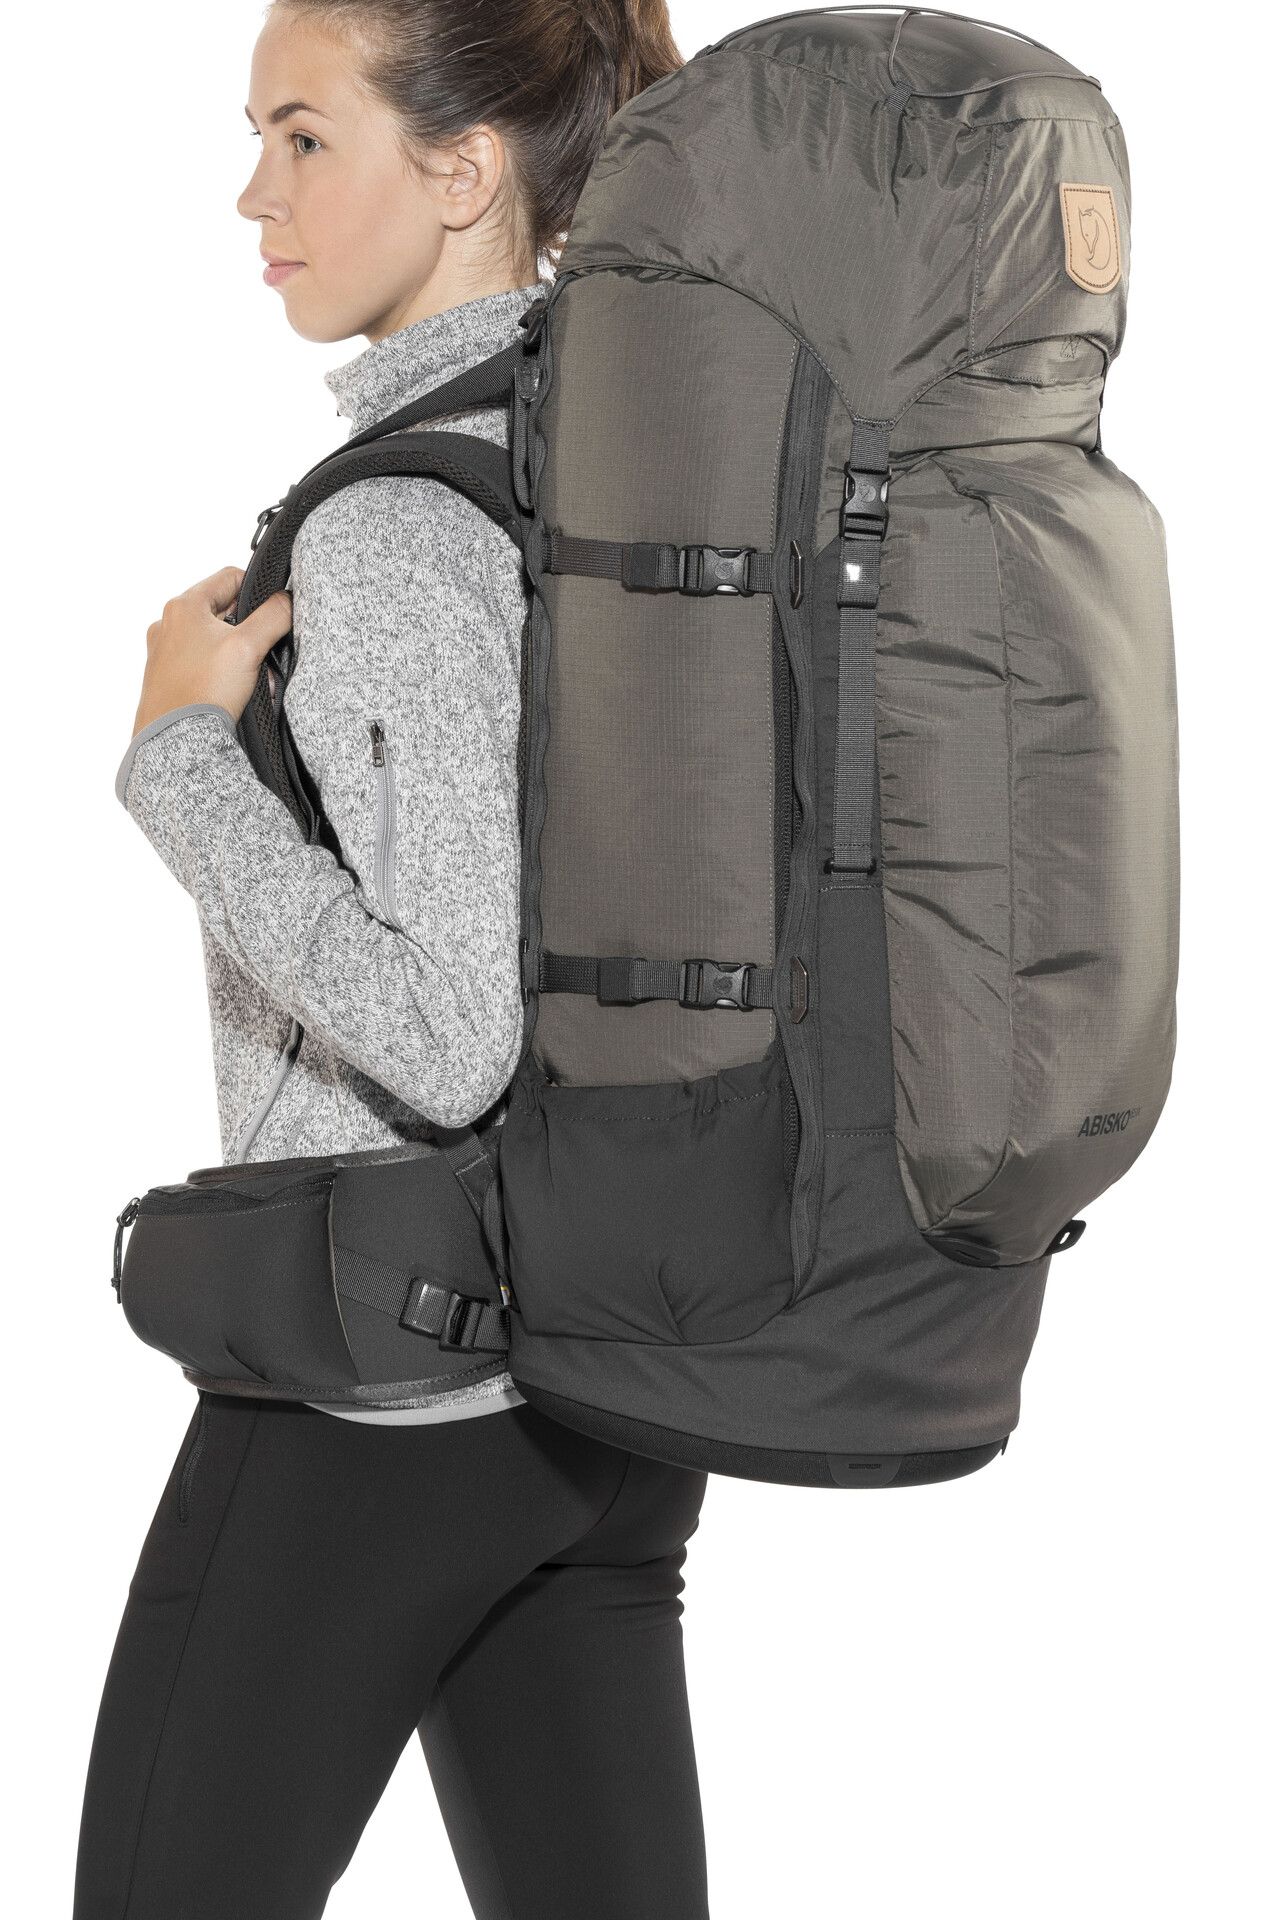 backpack rugzak vrouw